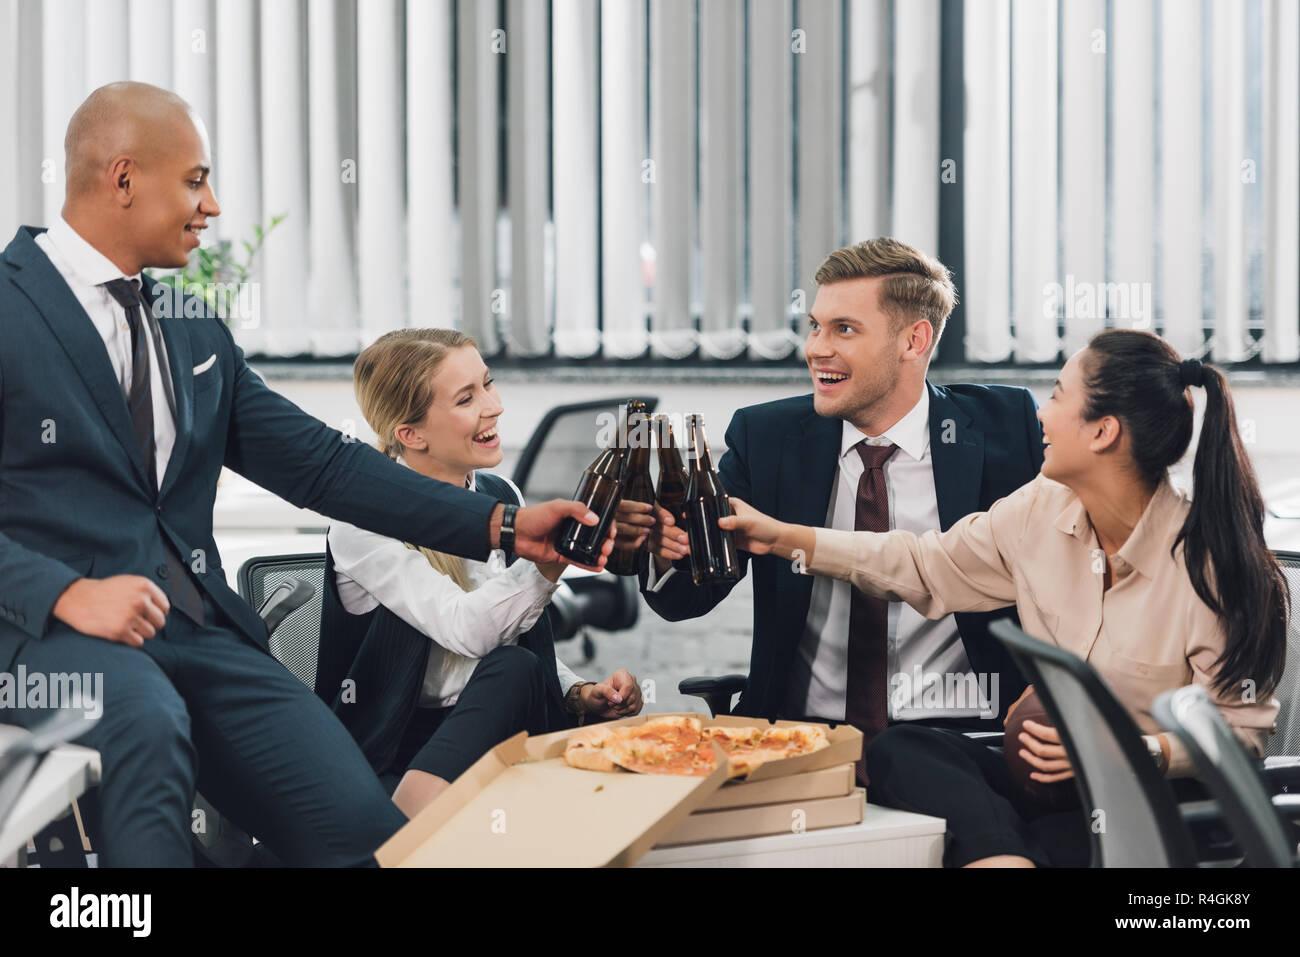 Gluckliche Junge Kollegen Bier Trinken Und Essen Pizza Im Buro